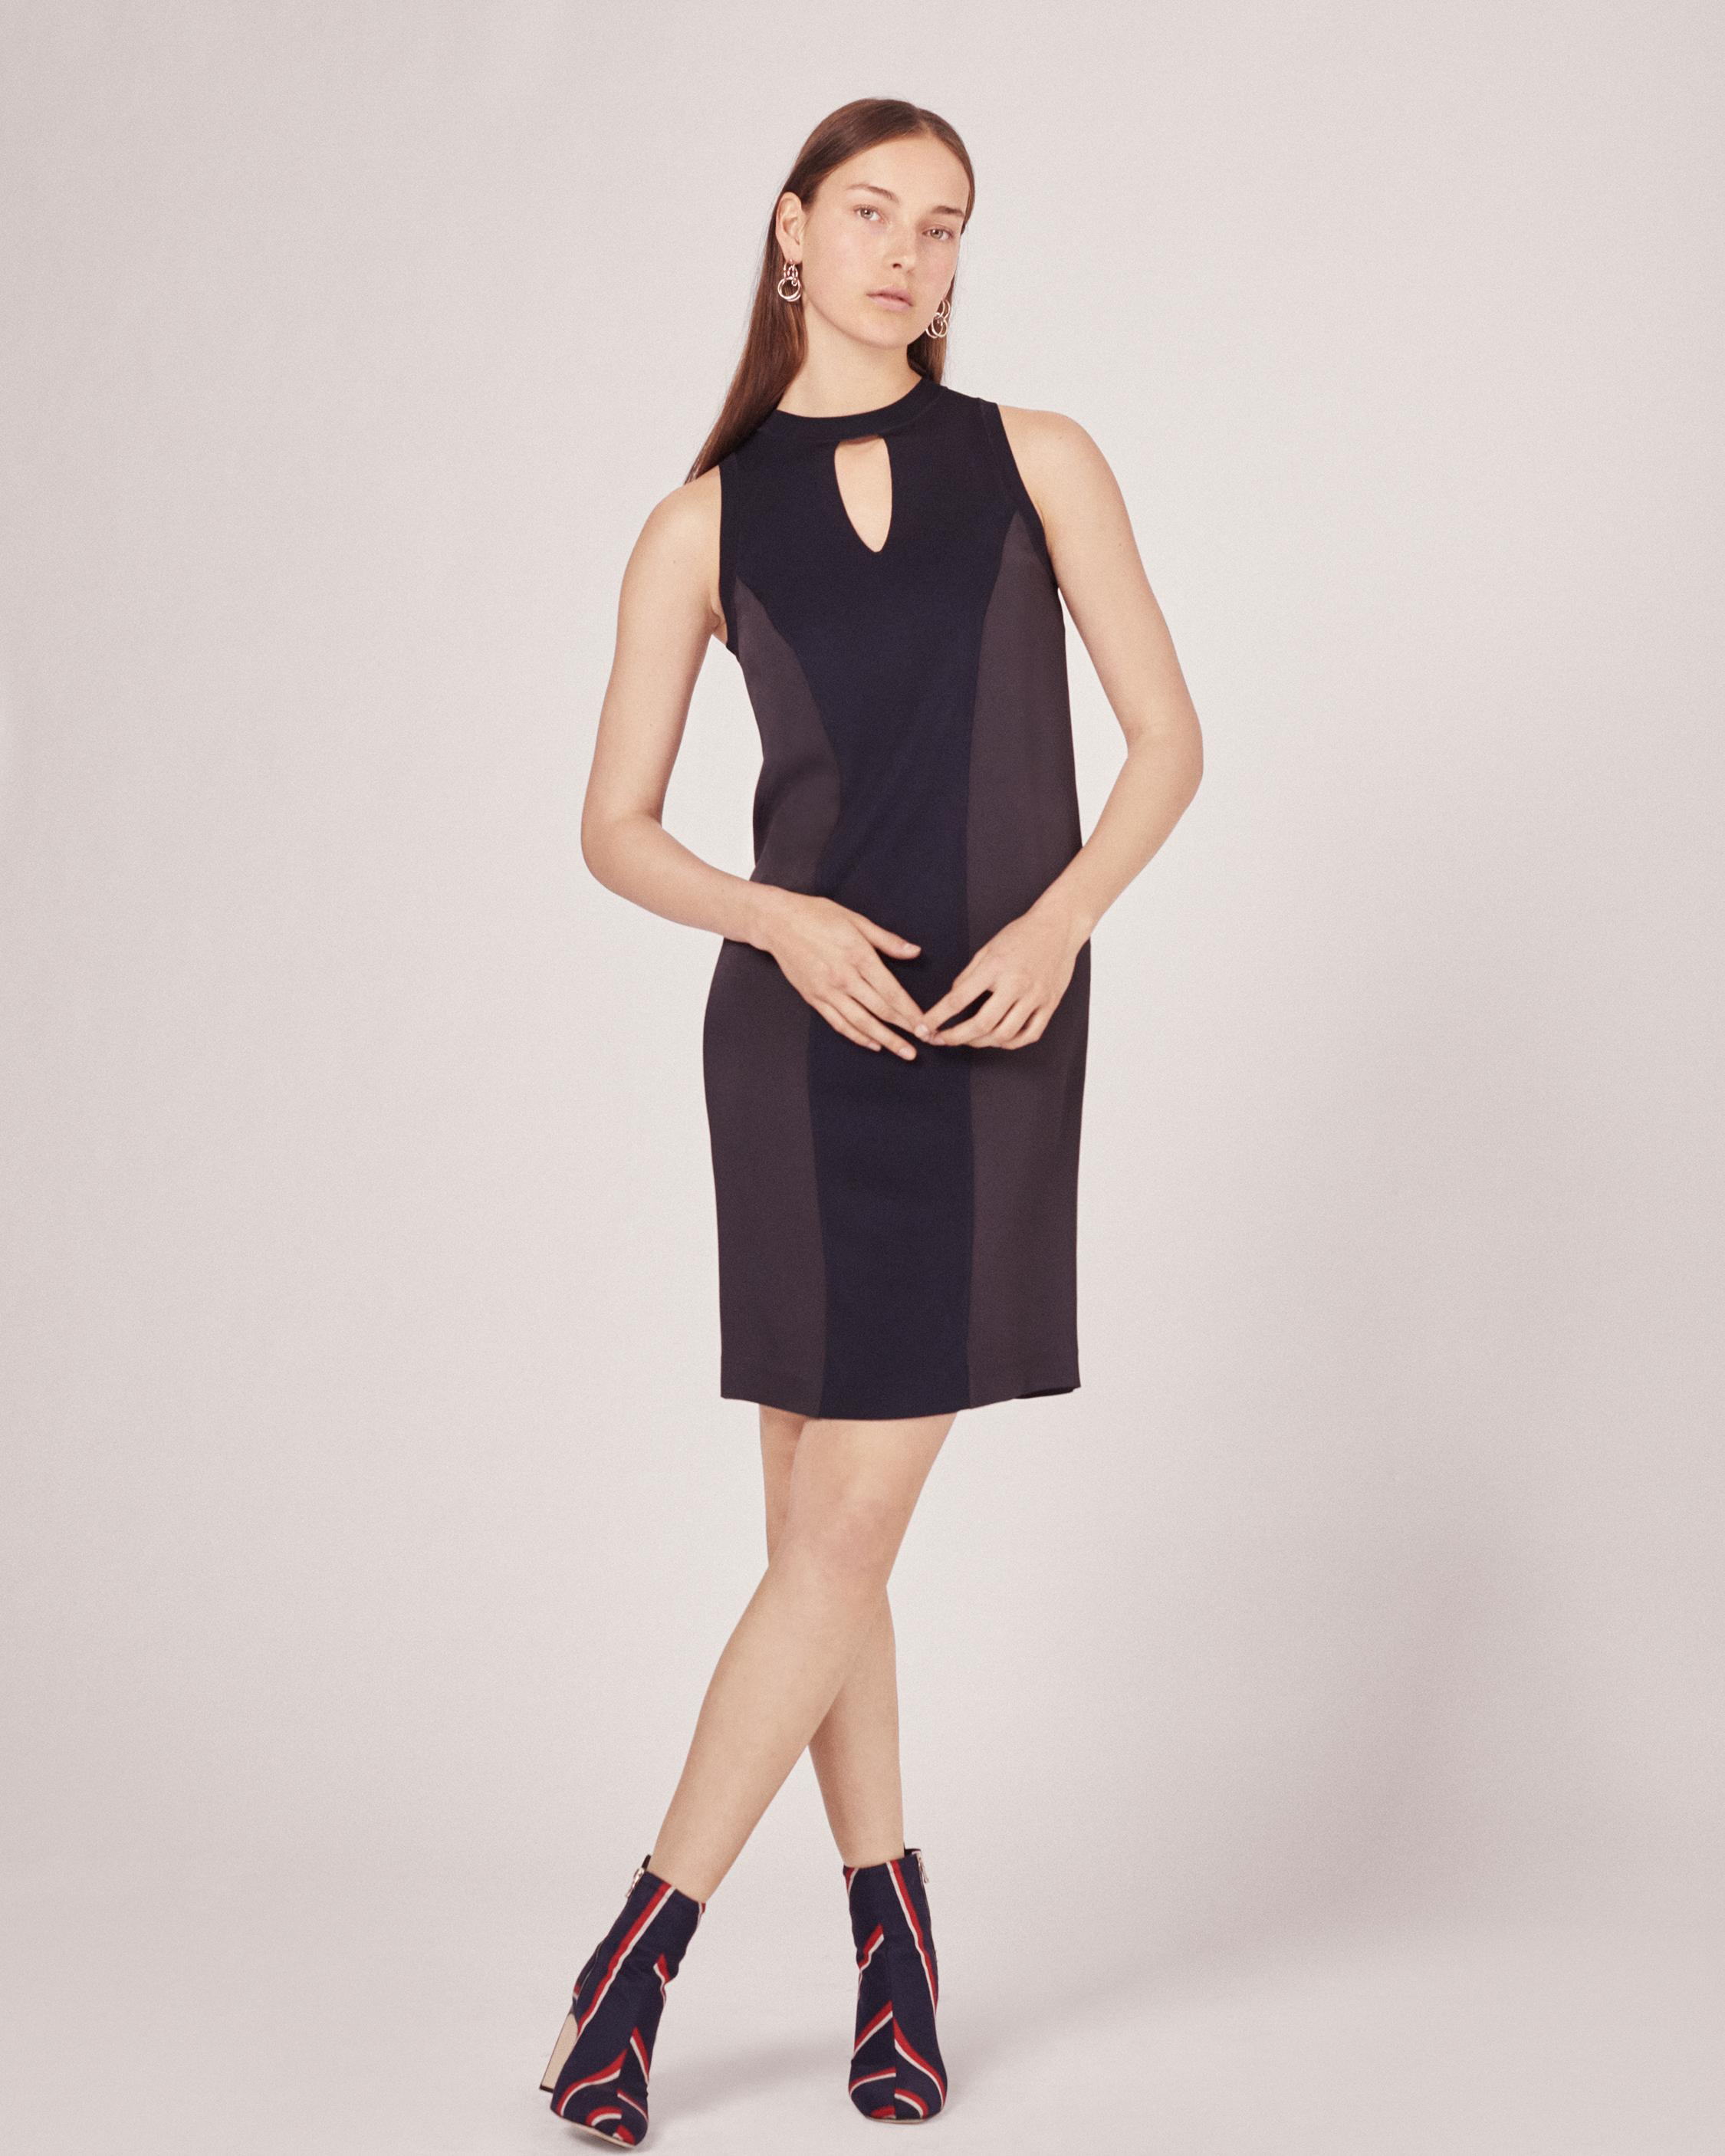 Rag & Bone Woman Satin Dress Black Size 0 Rag & Bone A8jtiVGT